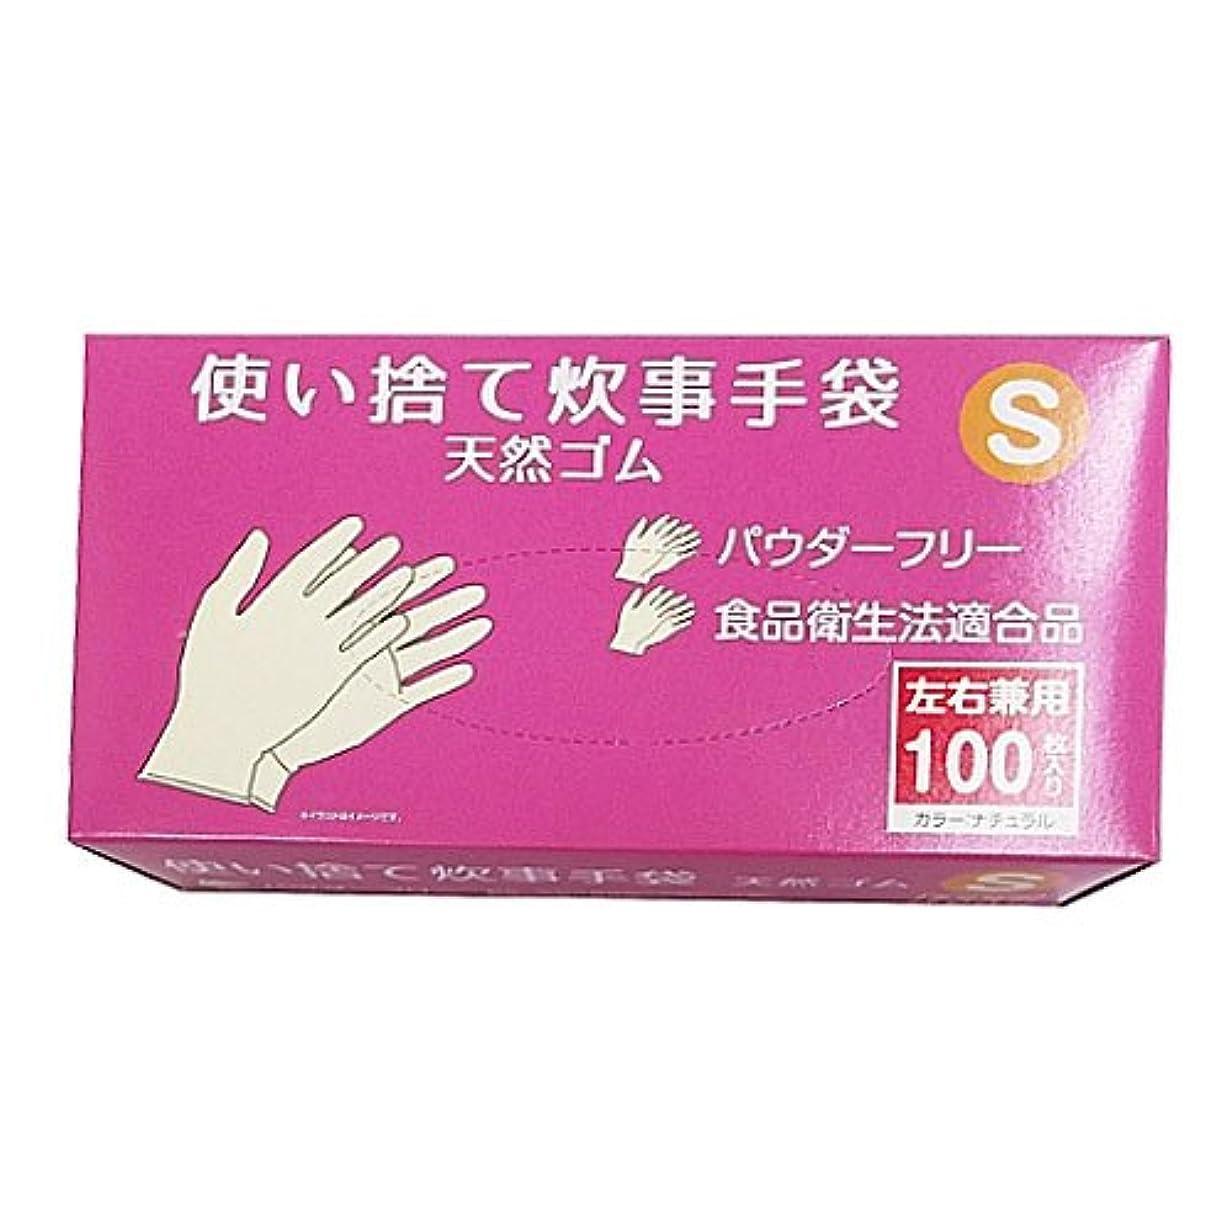 パラメータ才能付き添い人コーナンオリジナル 使い捨て 炊事手袋 天然ゴム 100枚入り S